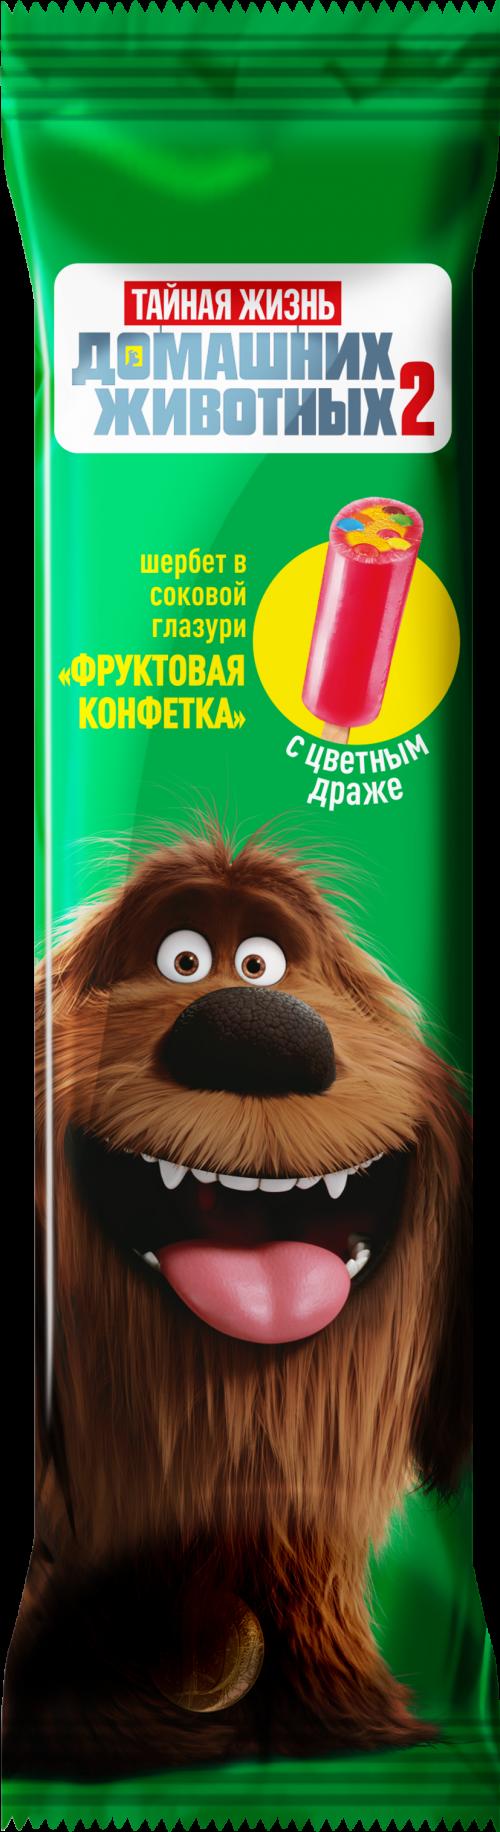 """Эскимо """"ТЖ"""", Дюк, фрукт. конфета, щербет в сок.глаз. с цв.драже, 60г *30 """"Сибхолод"""